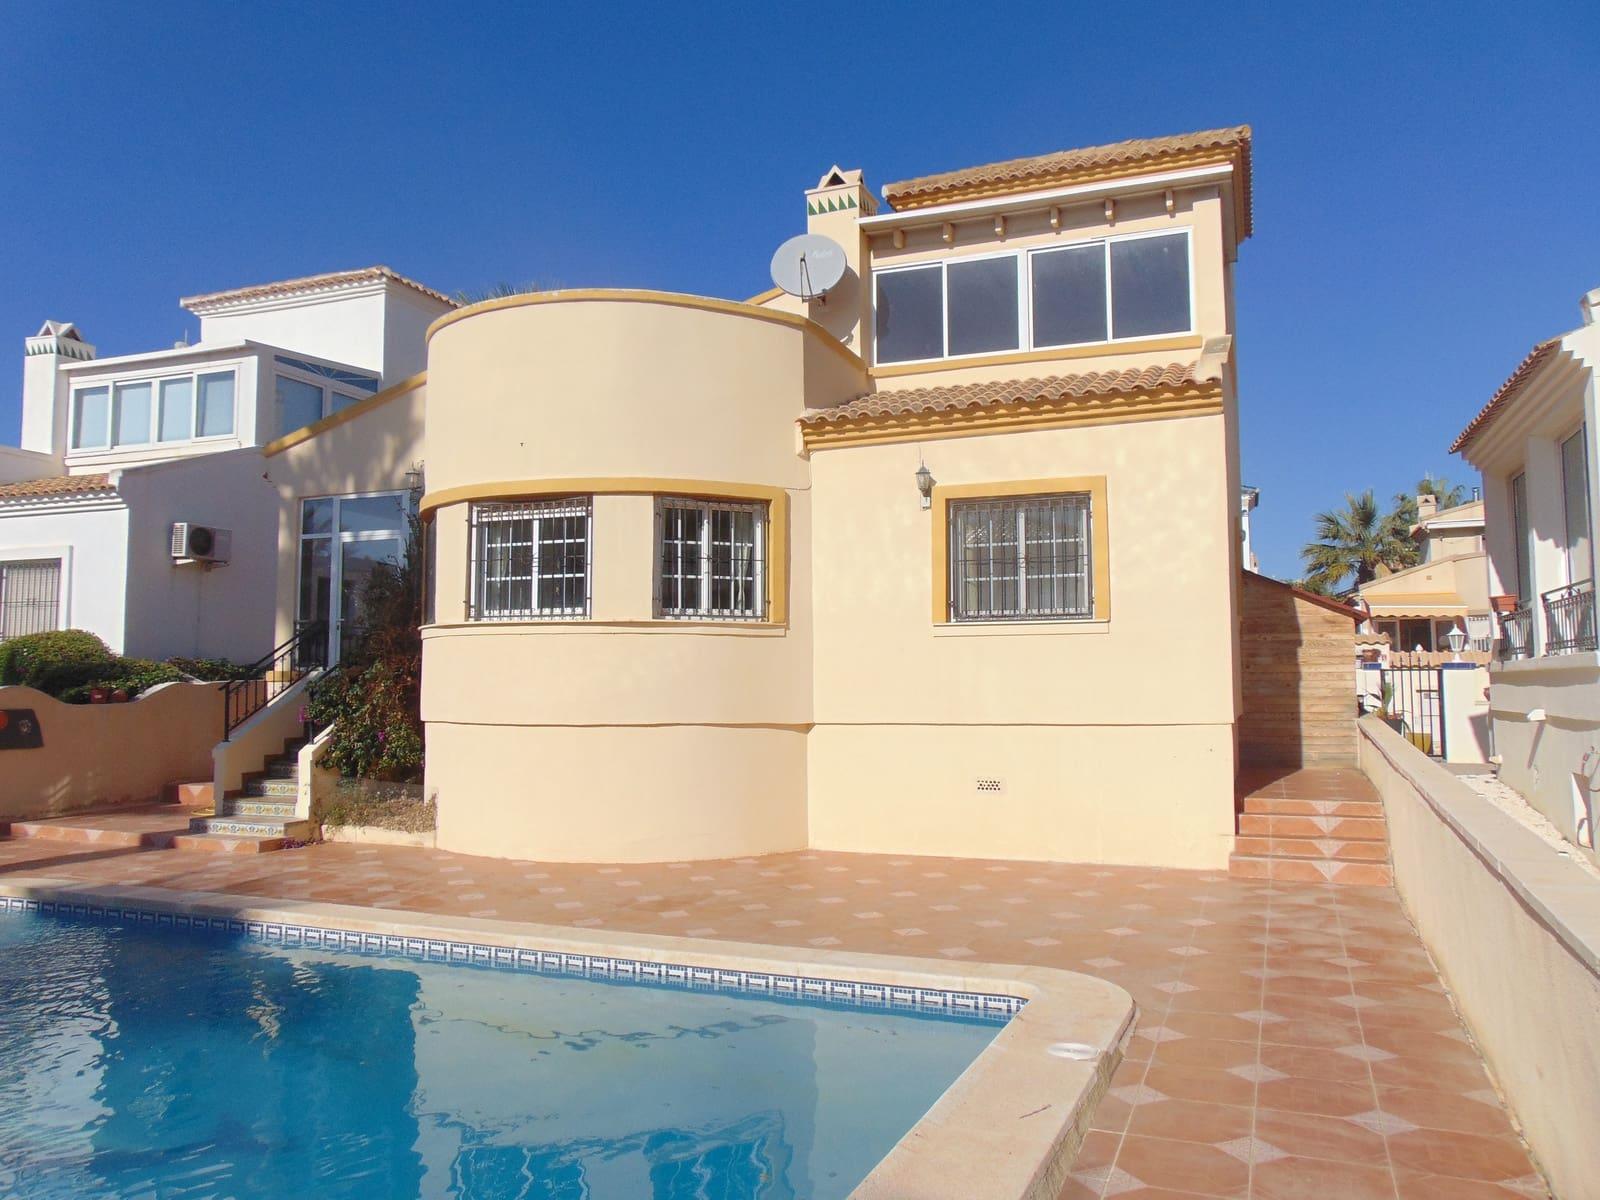 Chalet de 3 habitaciones en Playa Flamenca en venta con piscina - 249.950 € (Ref: 4926180)